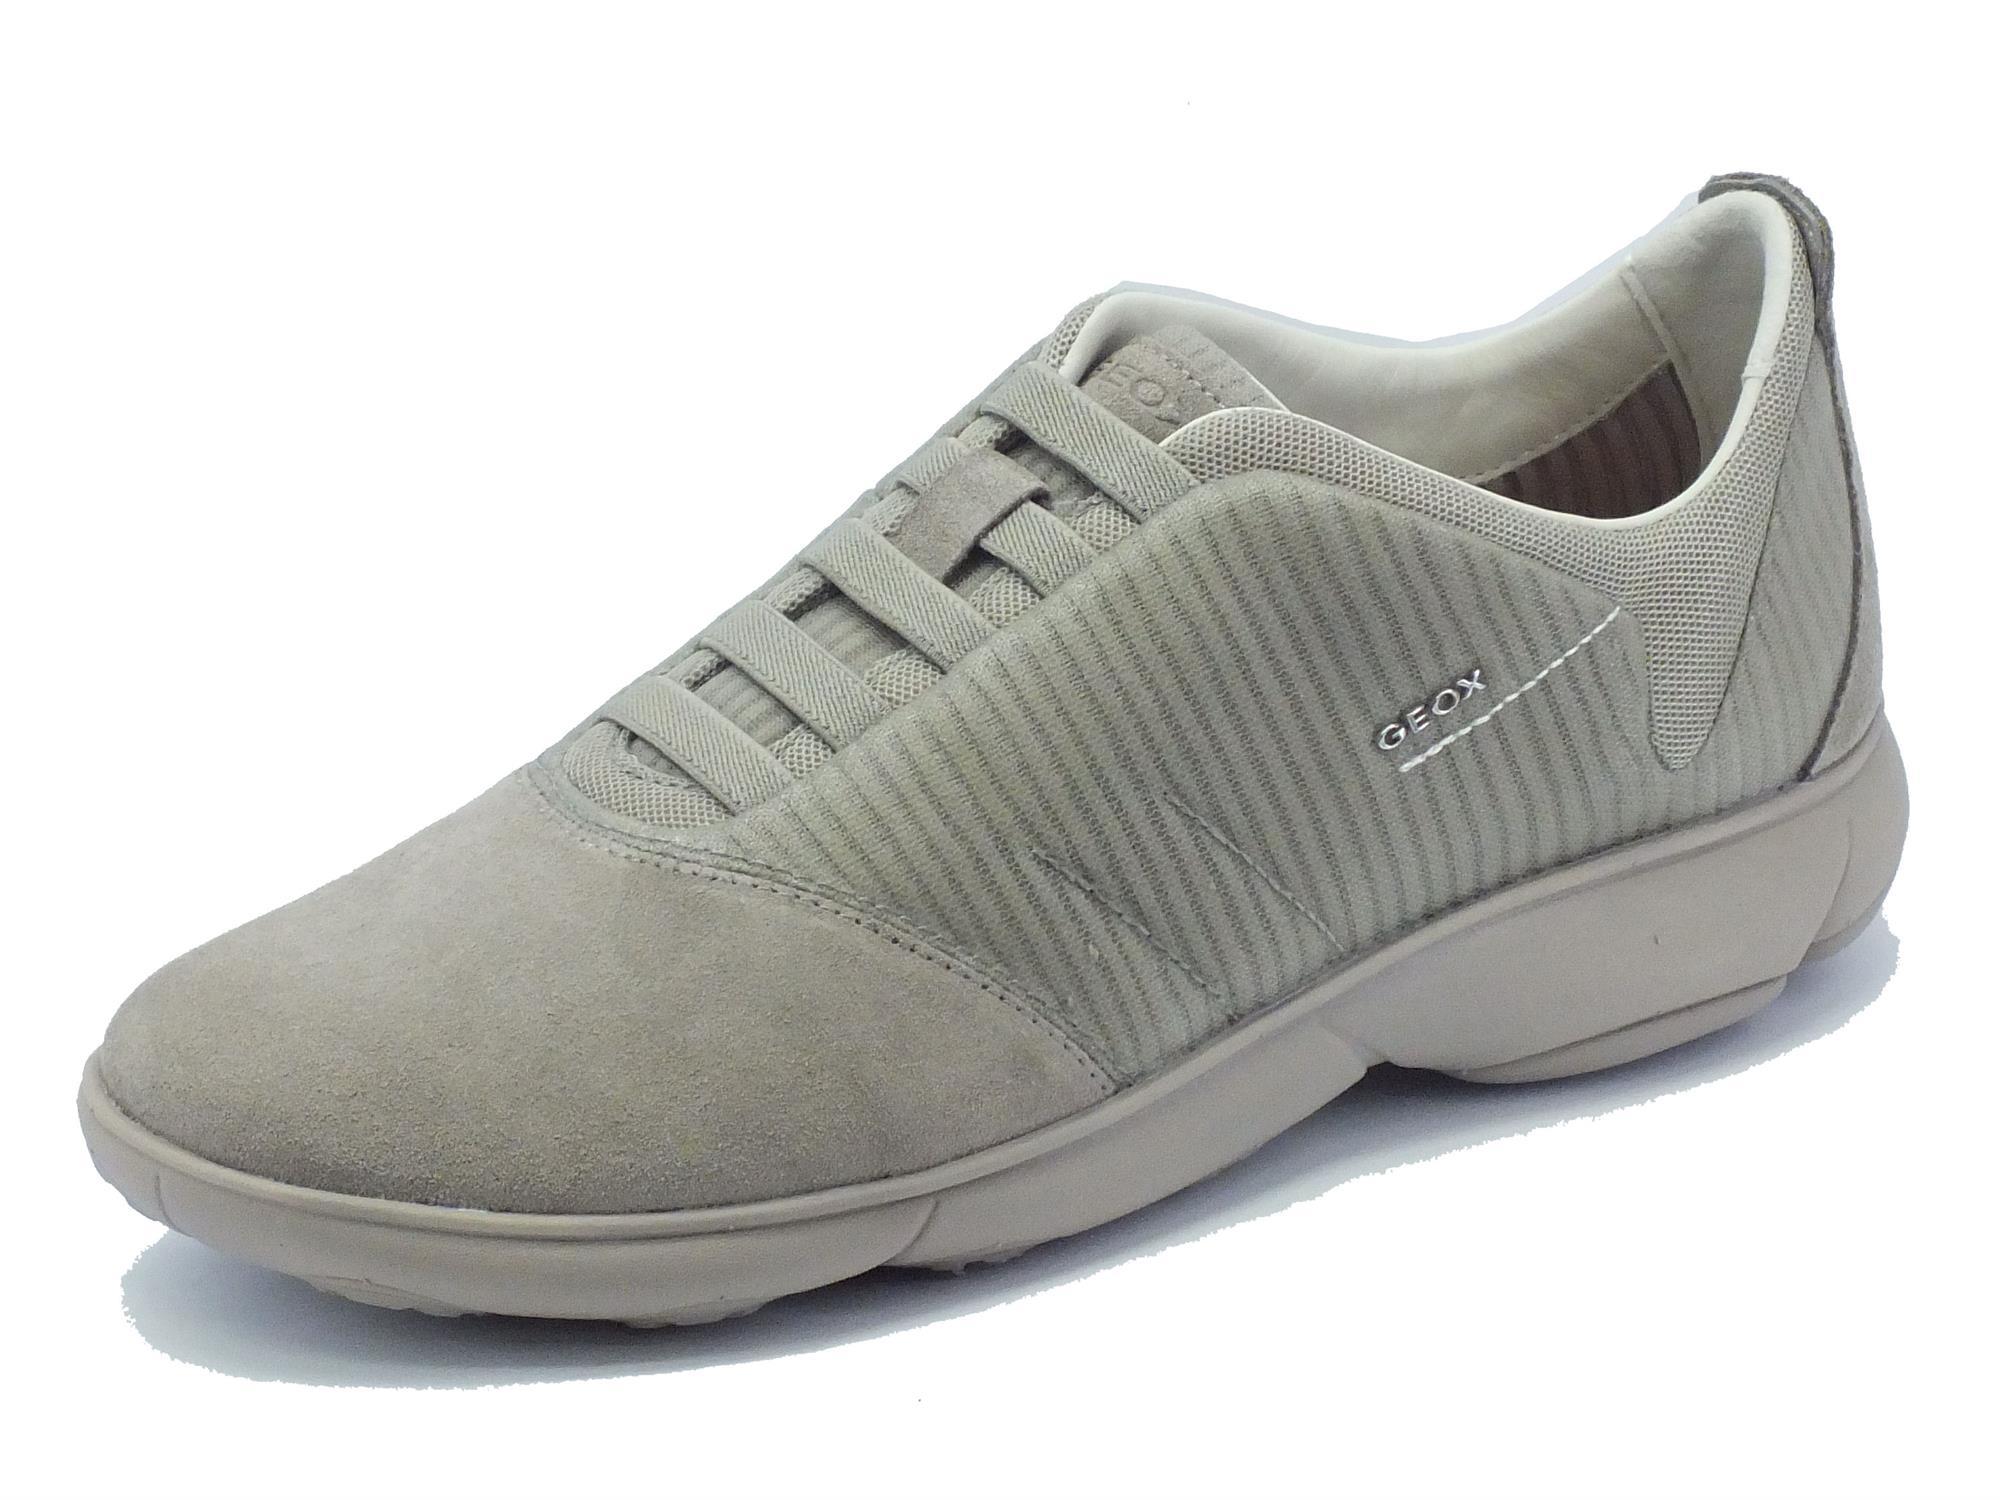 621f1a2fbda5d Acquista scarpe geox - OFF47% sconti